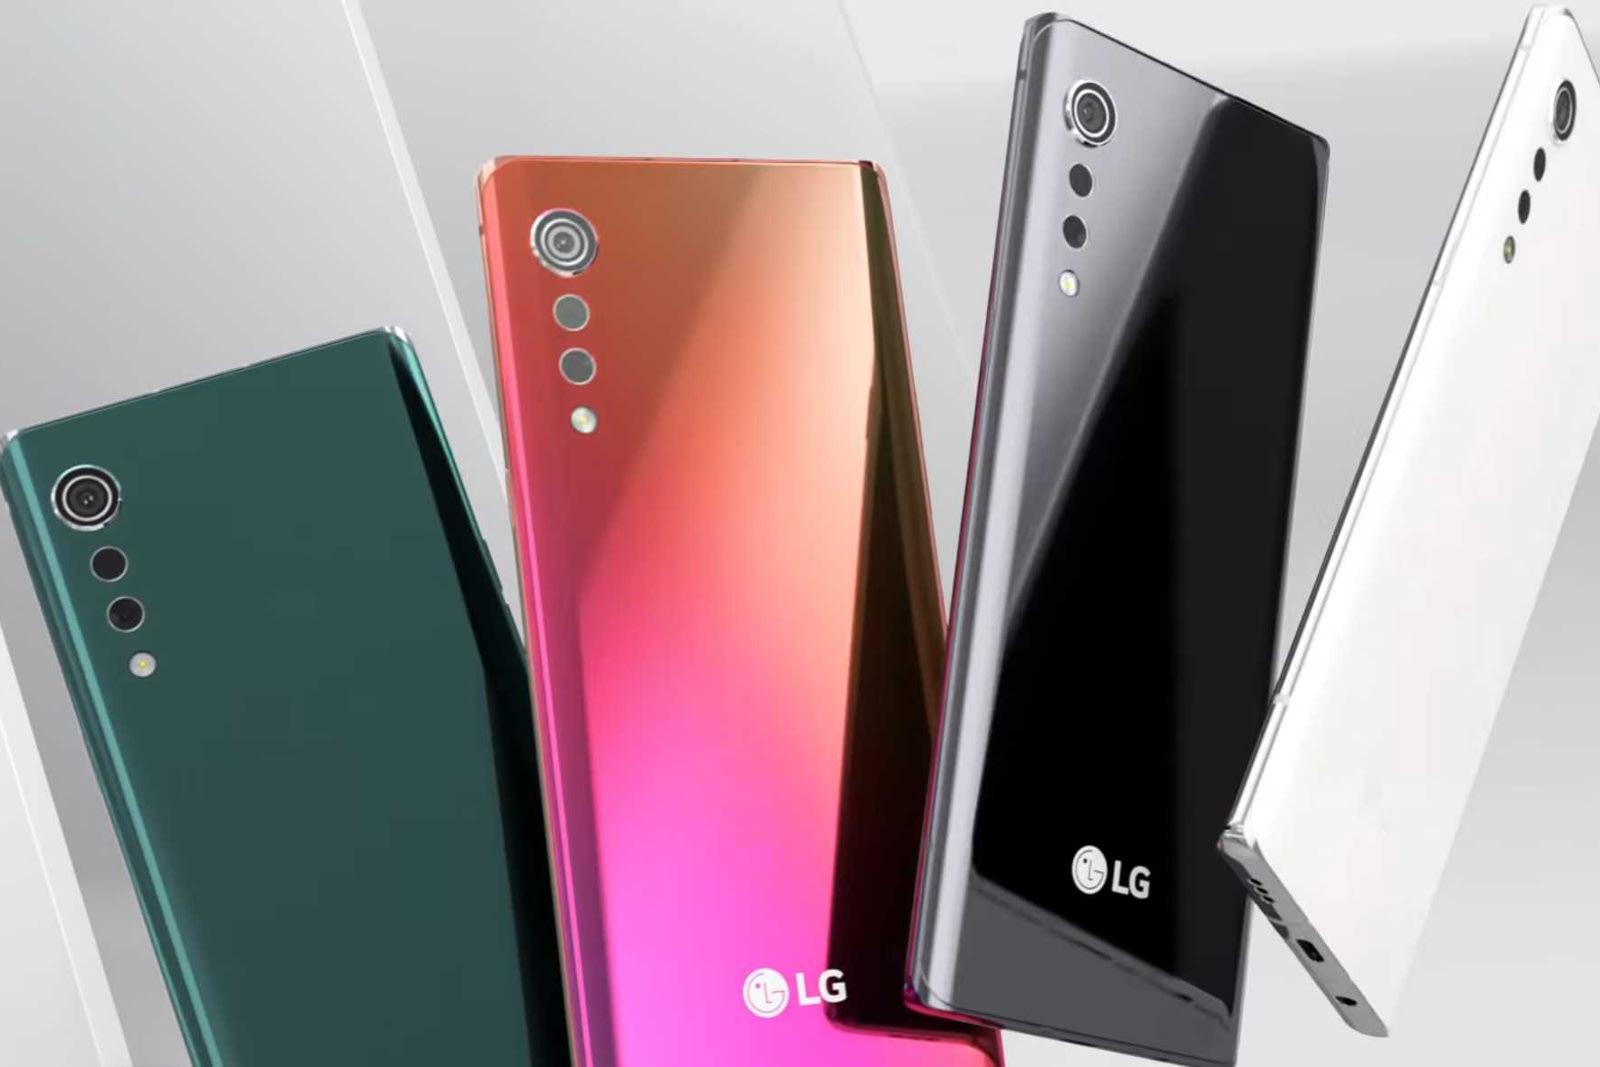 LG zaprezentowa³o swój nowy smartfon. Velvet, czyli urz±dzenie o niecodziennym designie